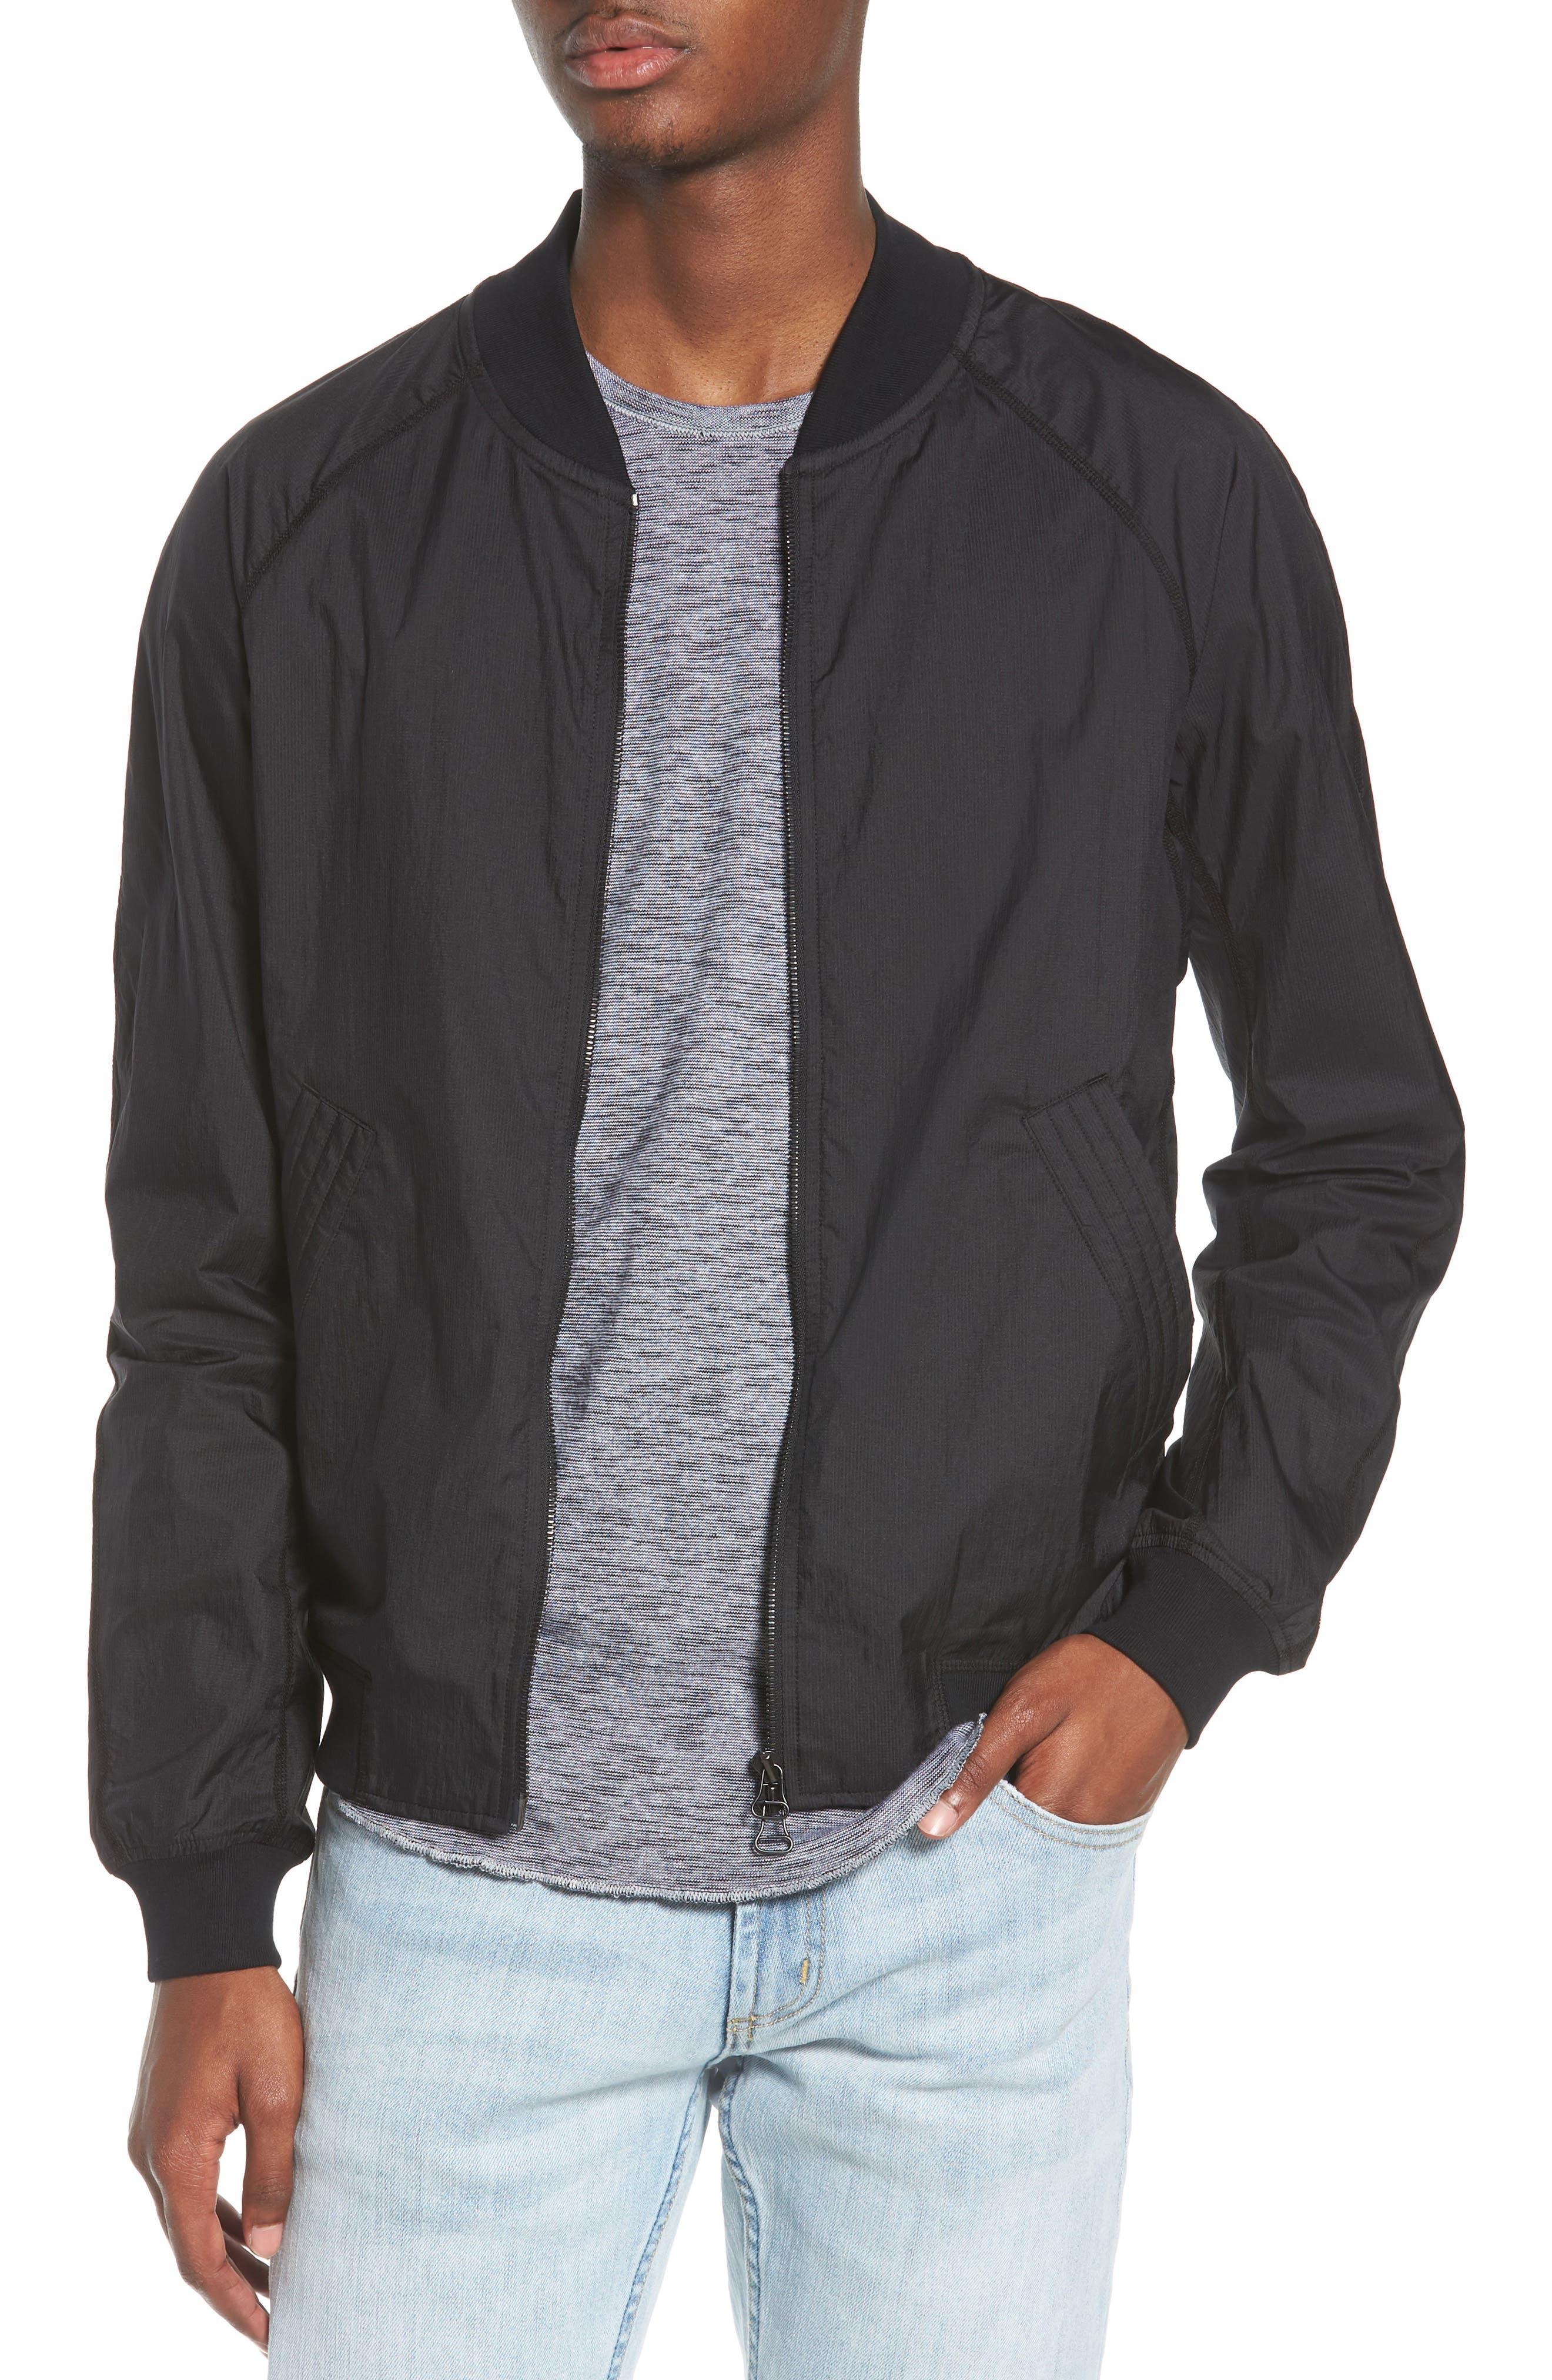 Souvenir Jacket,                         Main,                         color, 001